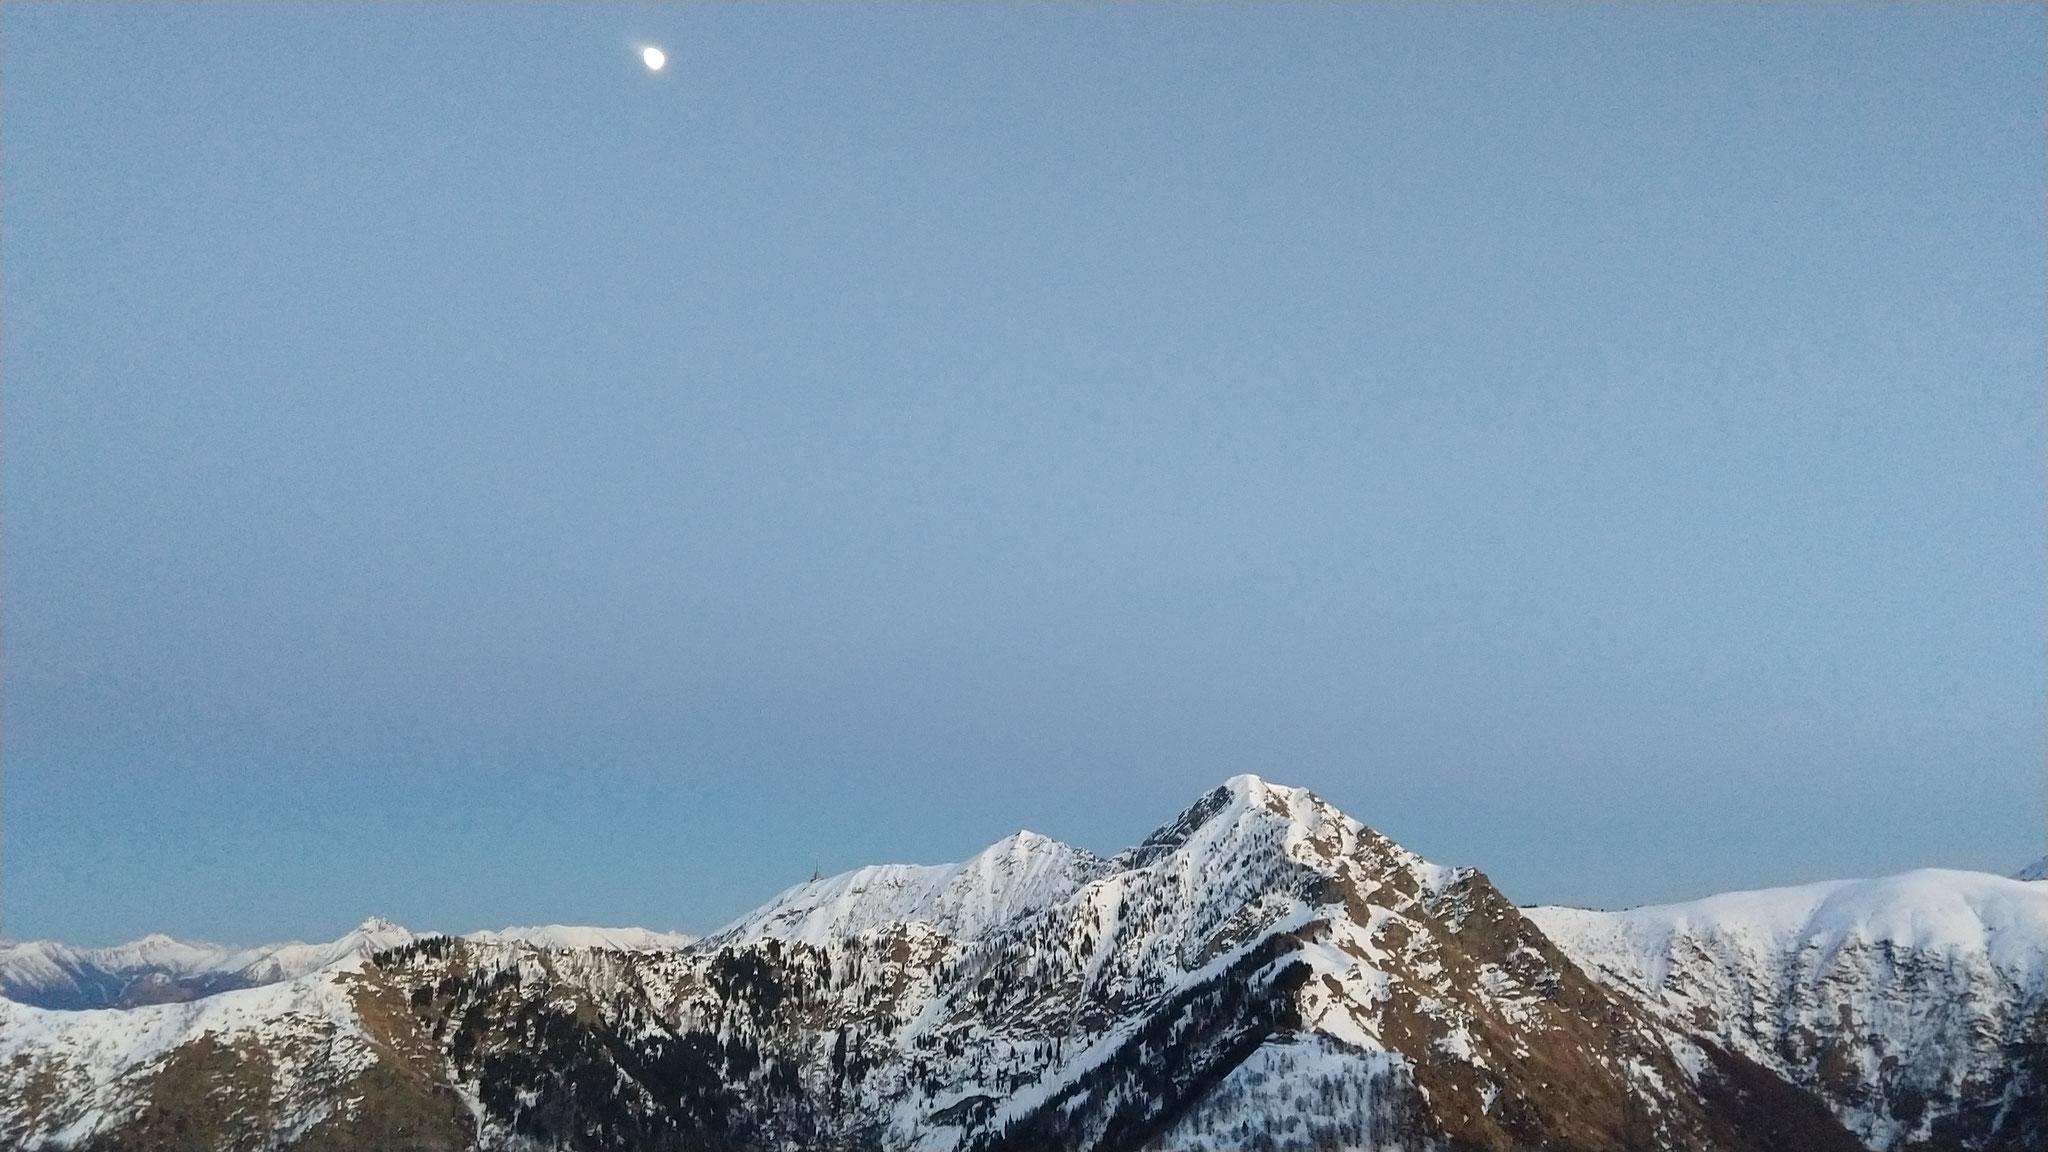 der Mond leuchtet über dem Tamaro